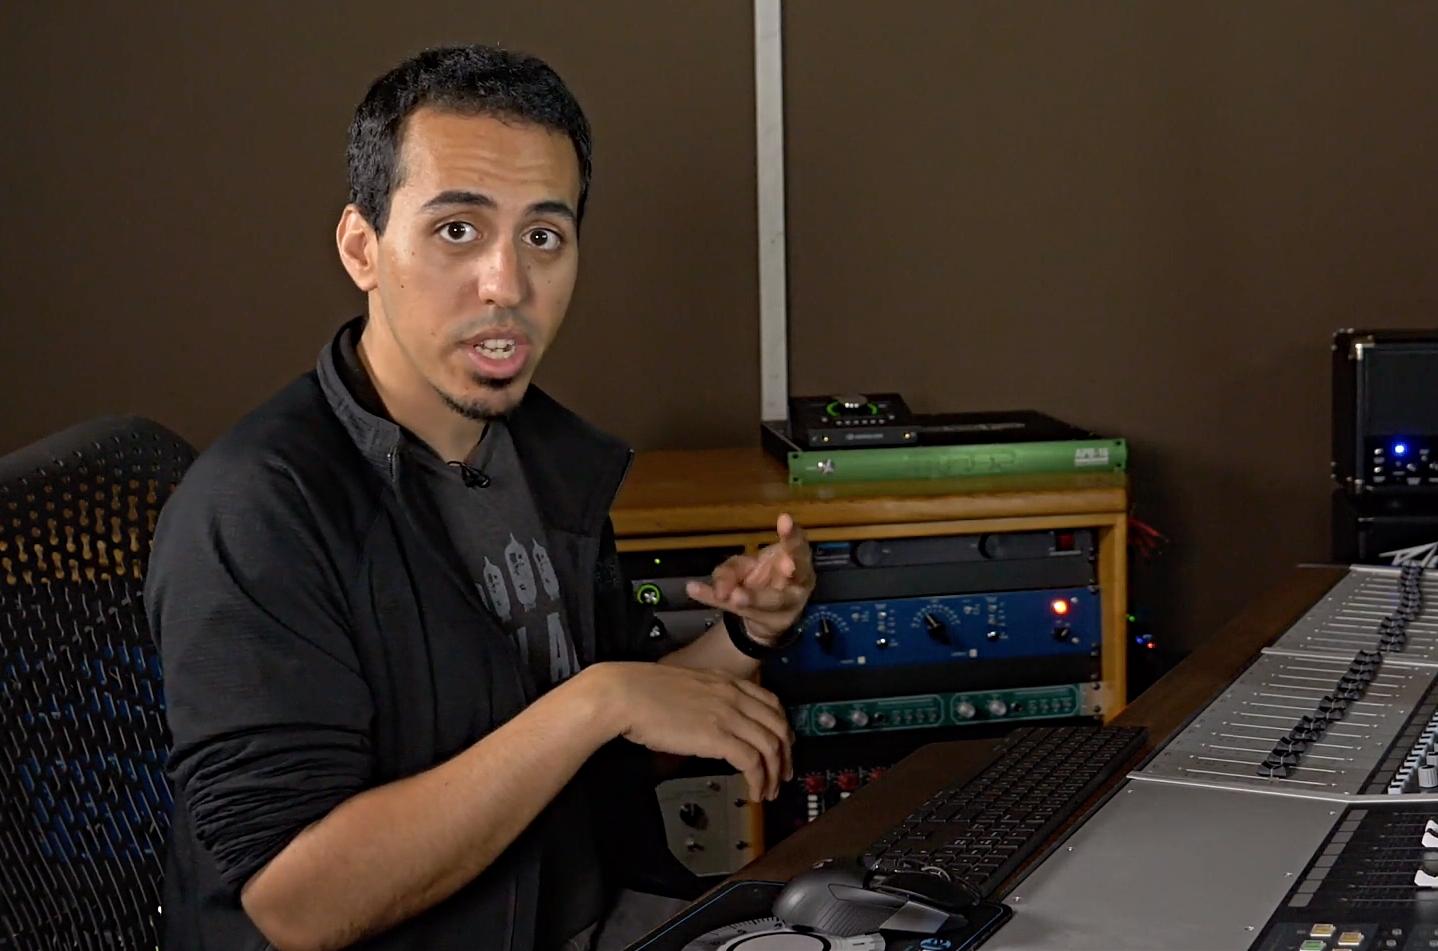 Alex nasla explaining mixing an album